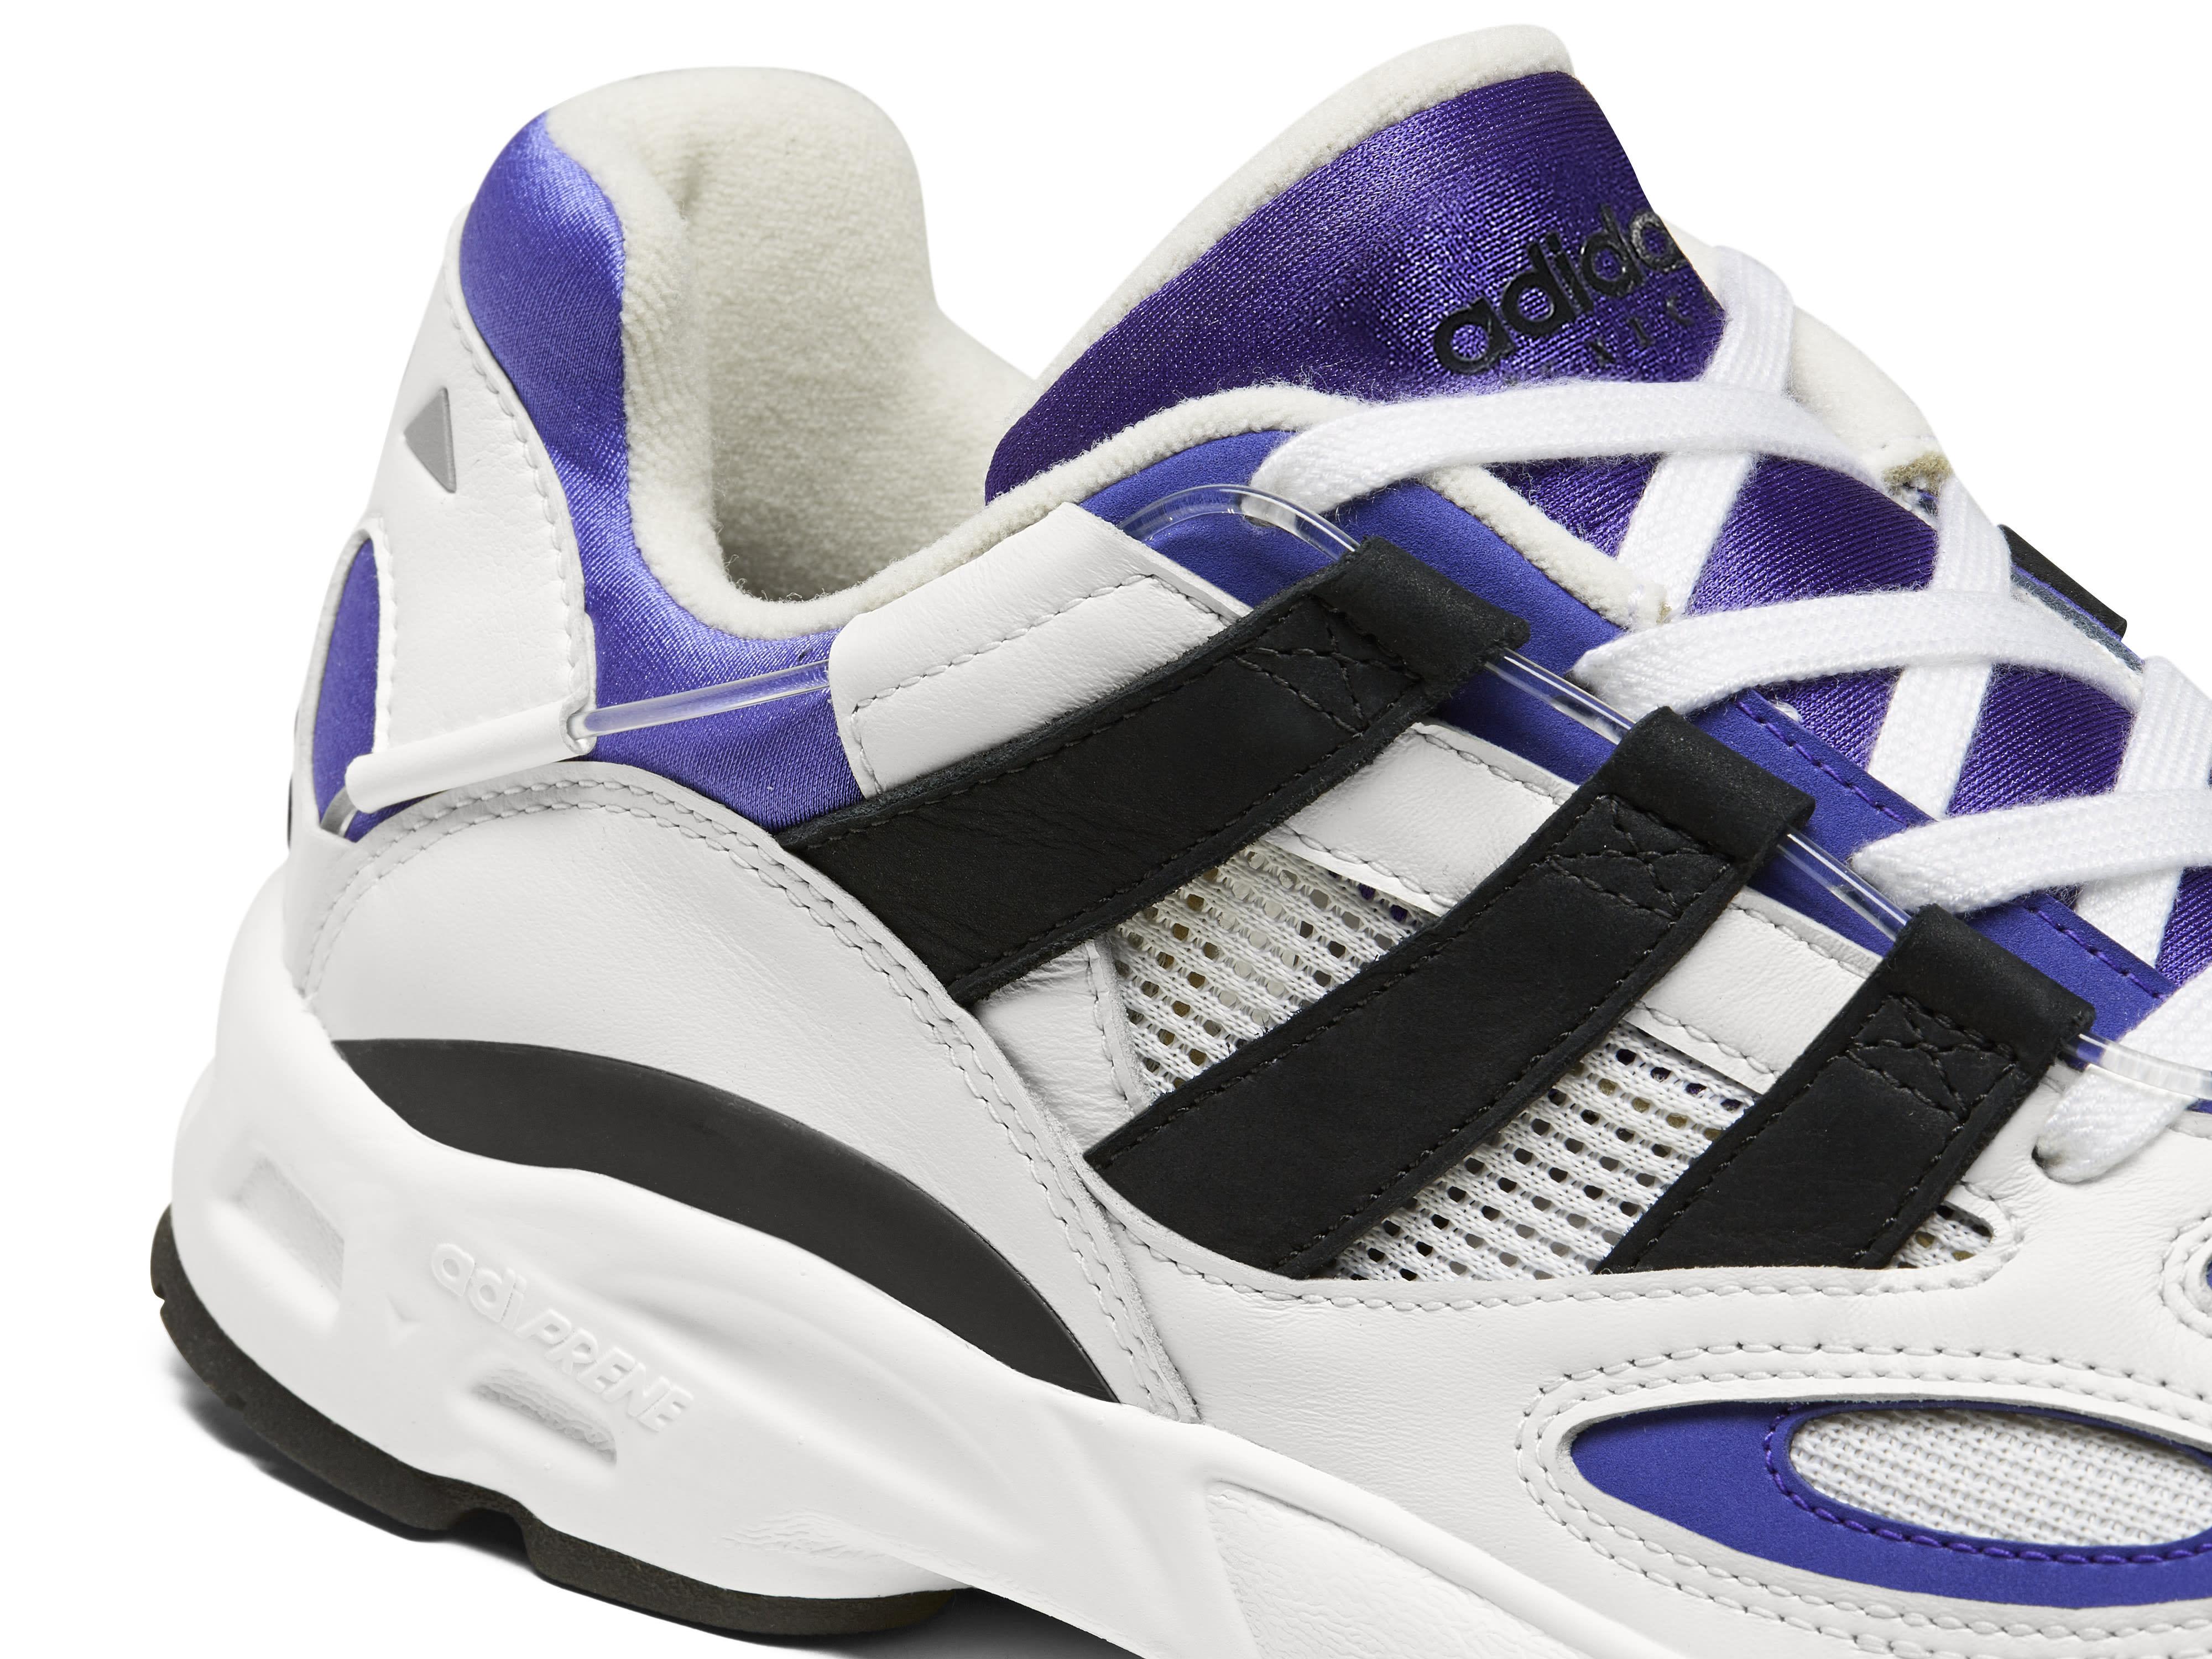 Adidas Consortium LX CON EE3755 (Detail)